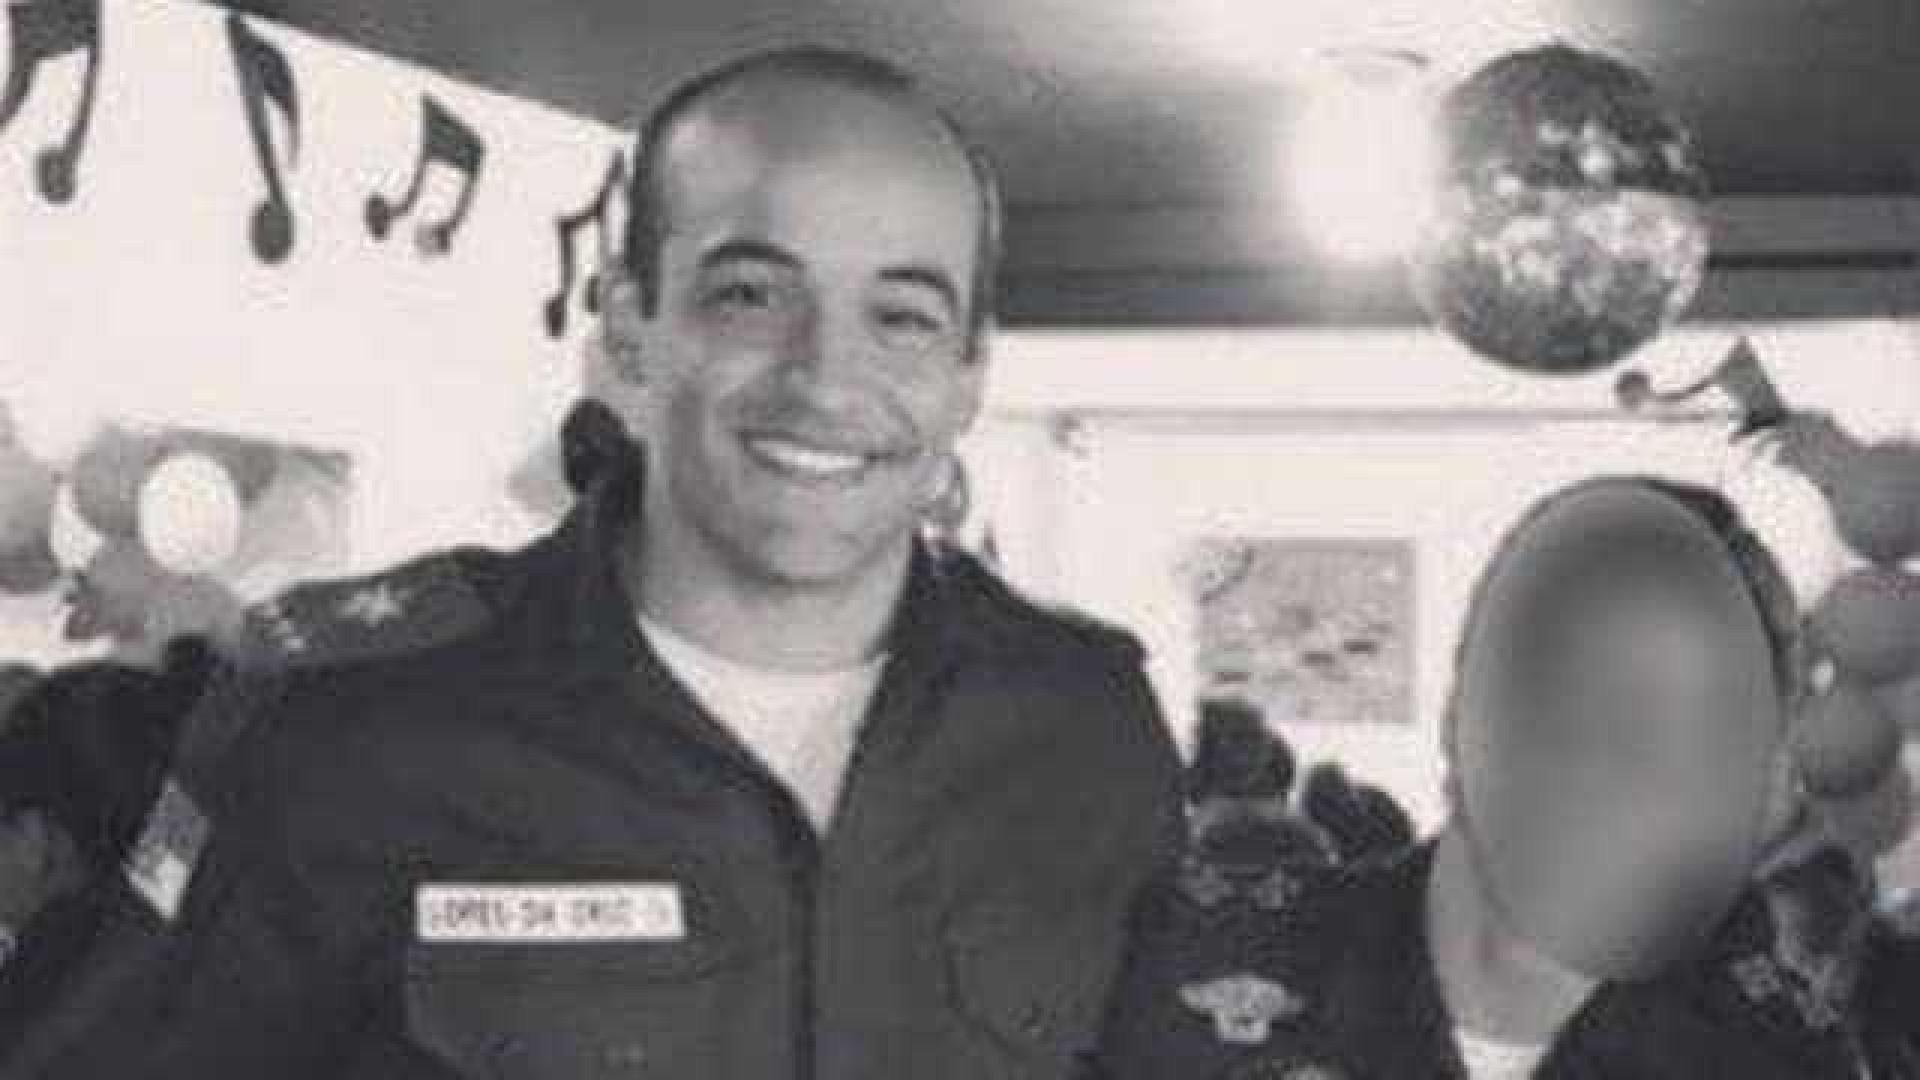 Subcomandante de UPP foi morto 20 minutos após deixar a DH